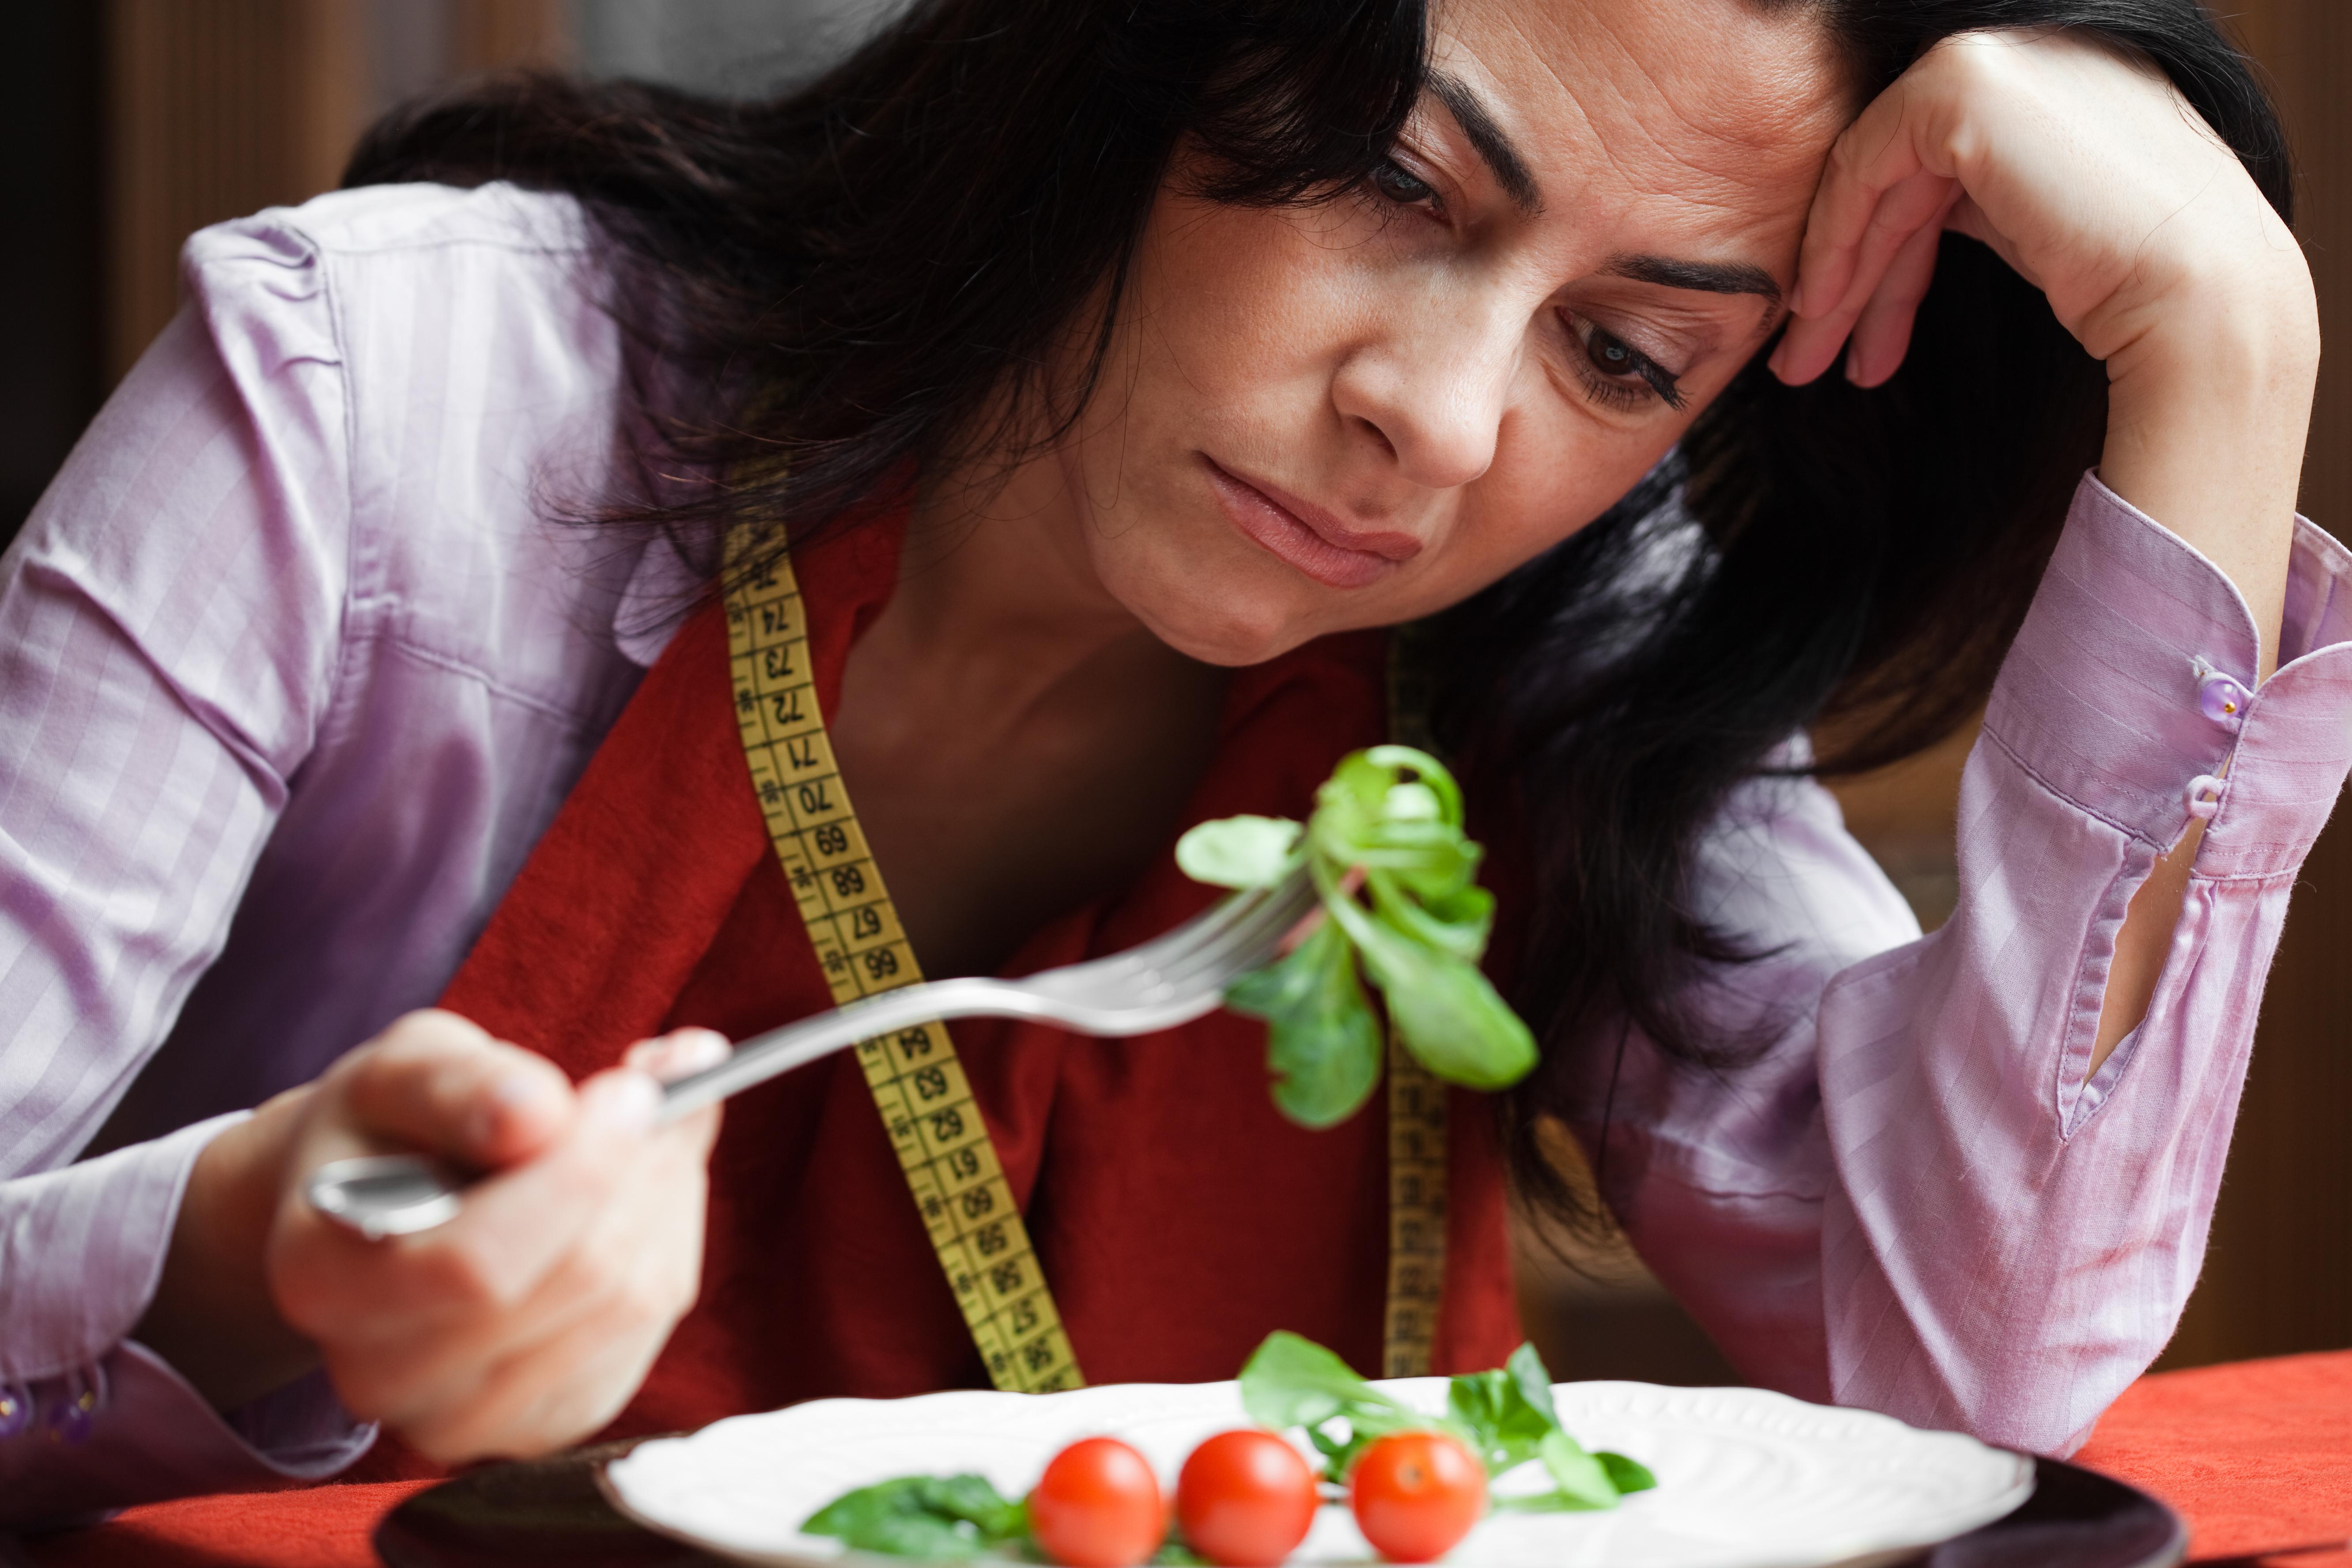 En fjärdedel anser att det breda utbudet gör det svårt att veta vilken diet som är hälsosam/bra/seriös.